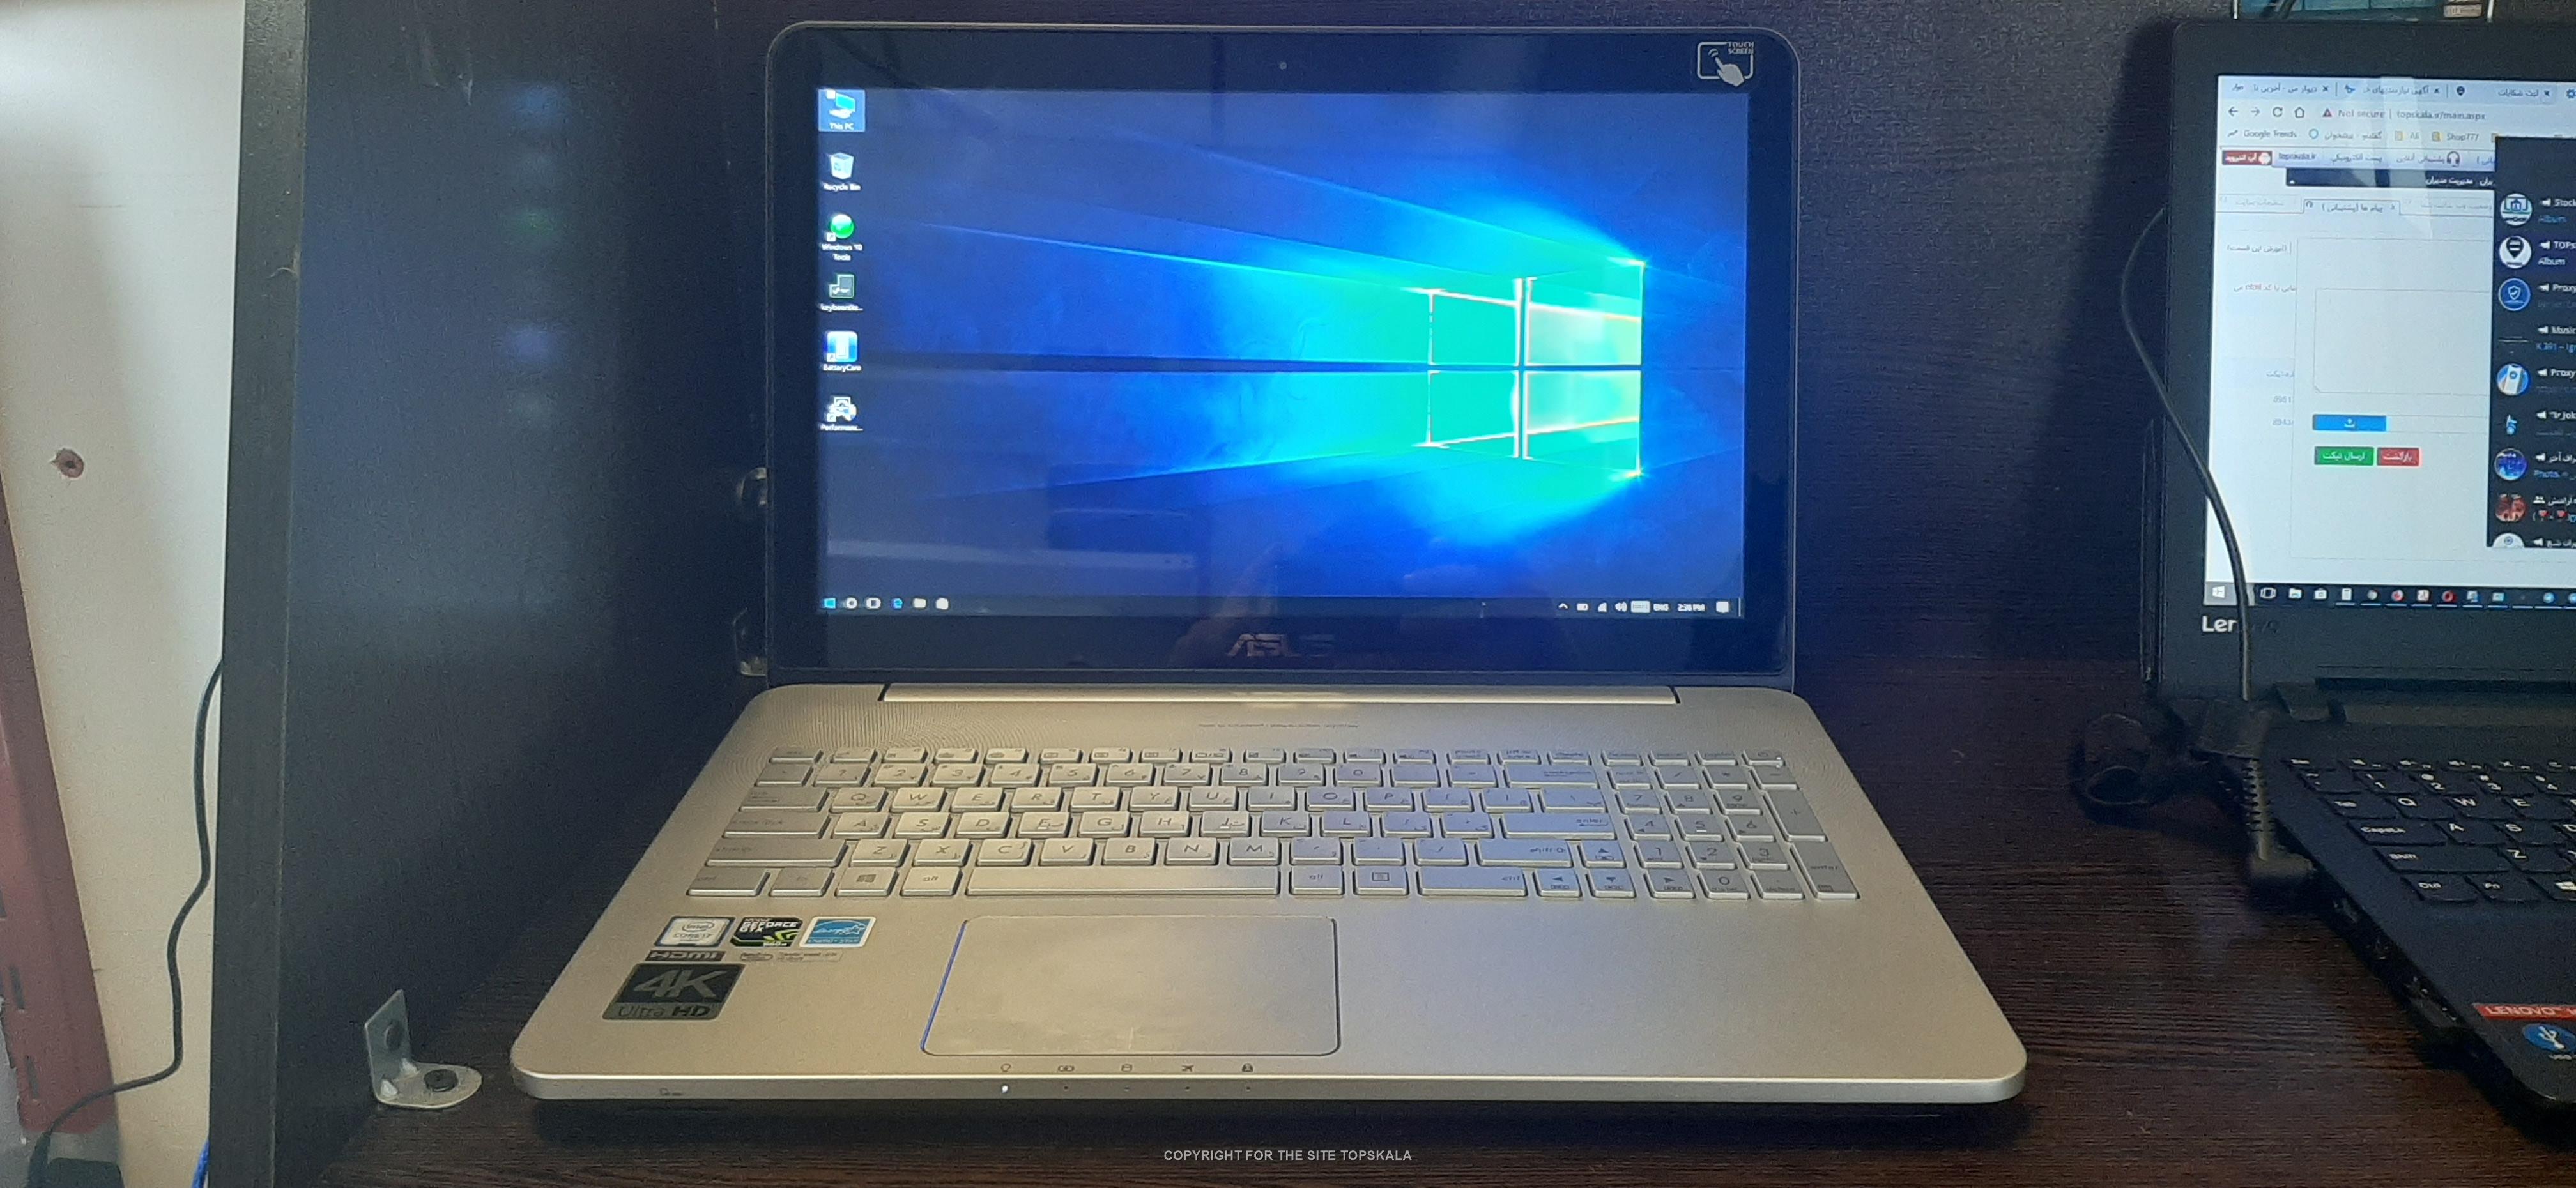 لپ تاپ استوک ایسوس مدل N552VW با مشخصات i7-16GB-128GB-SSD-1TB-HDD-4GB 1050ti